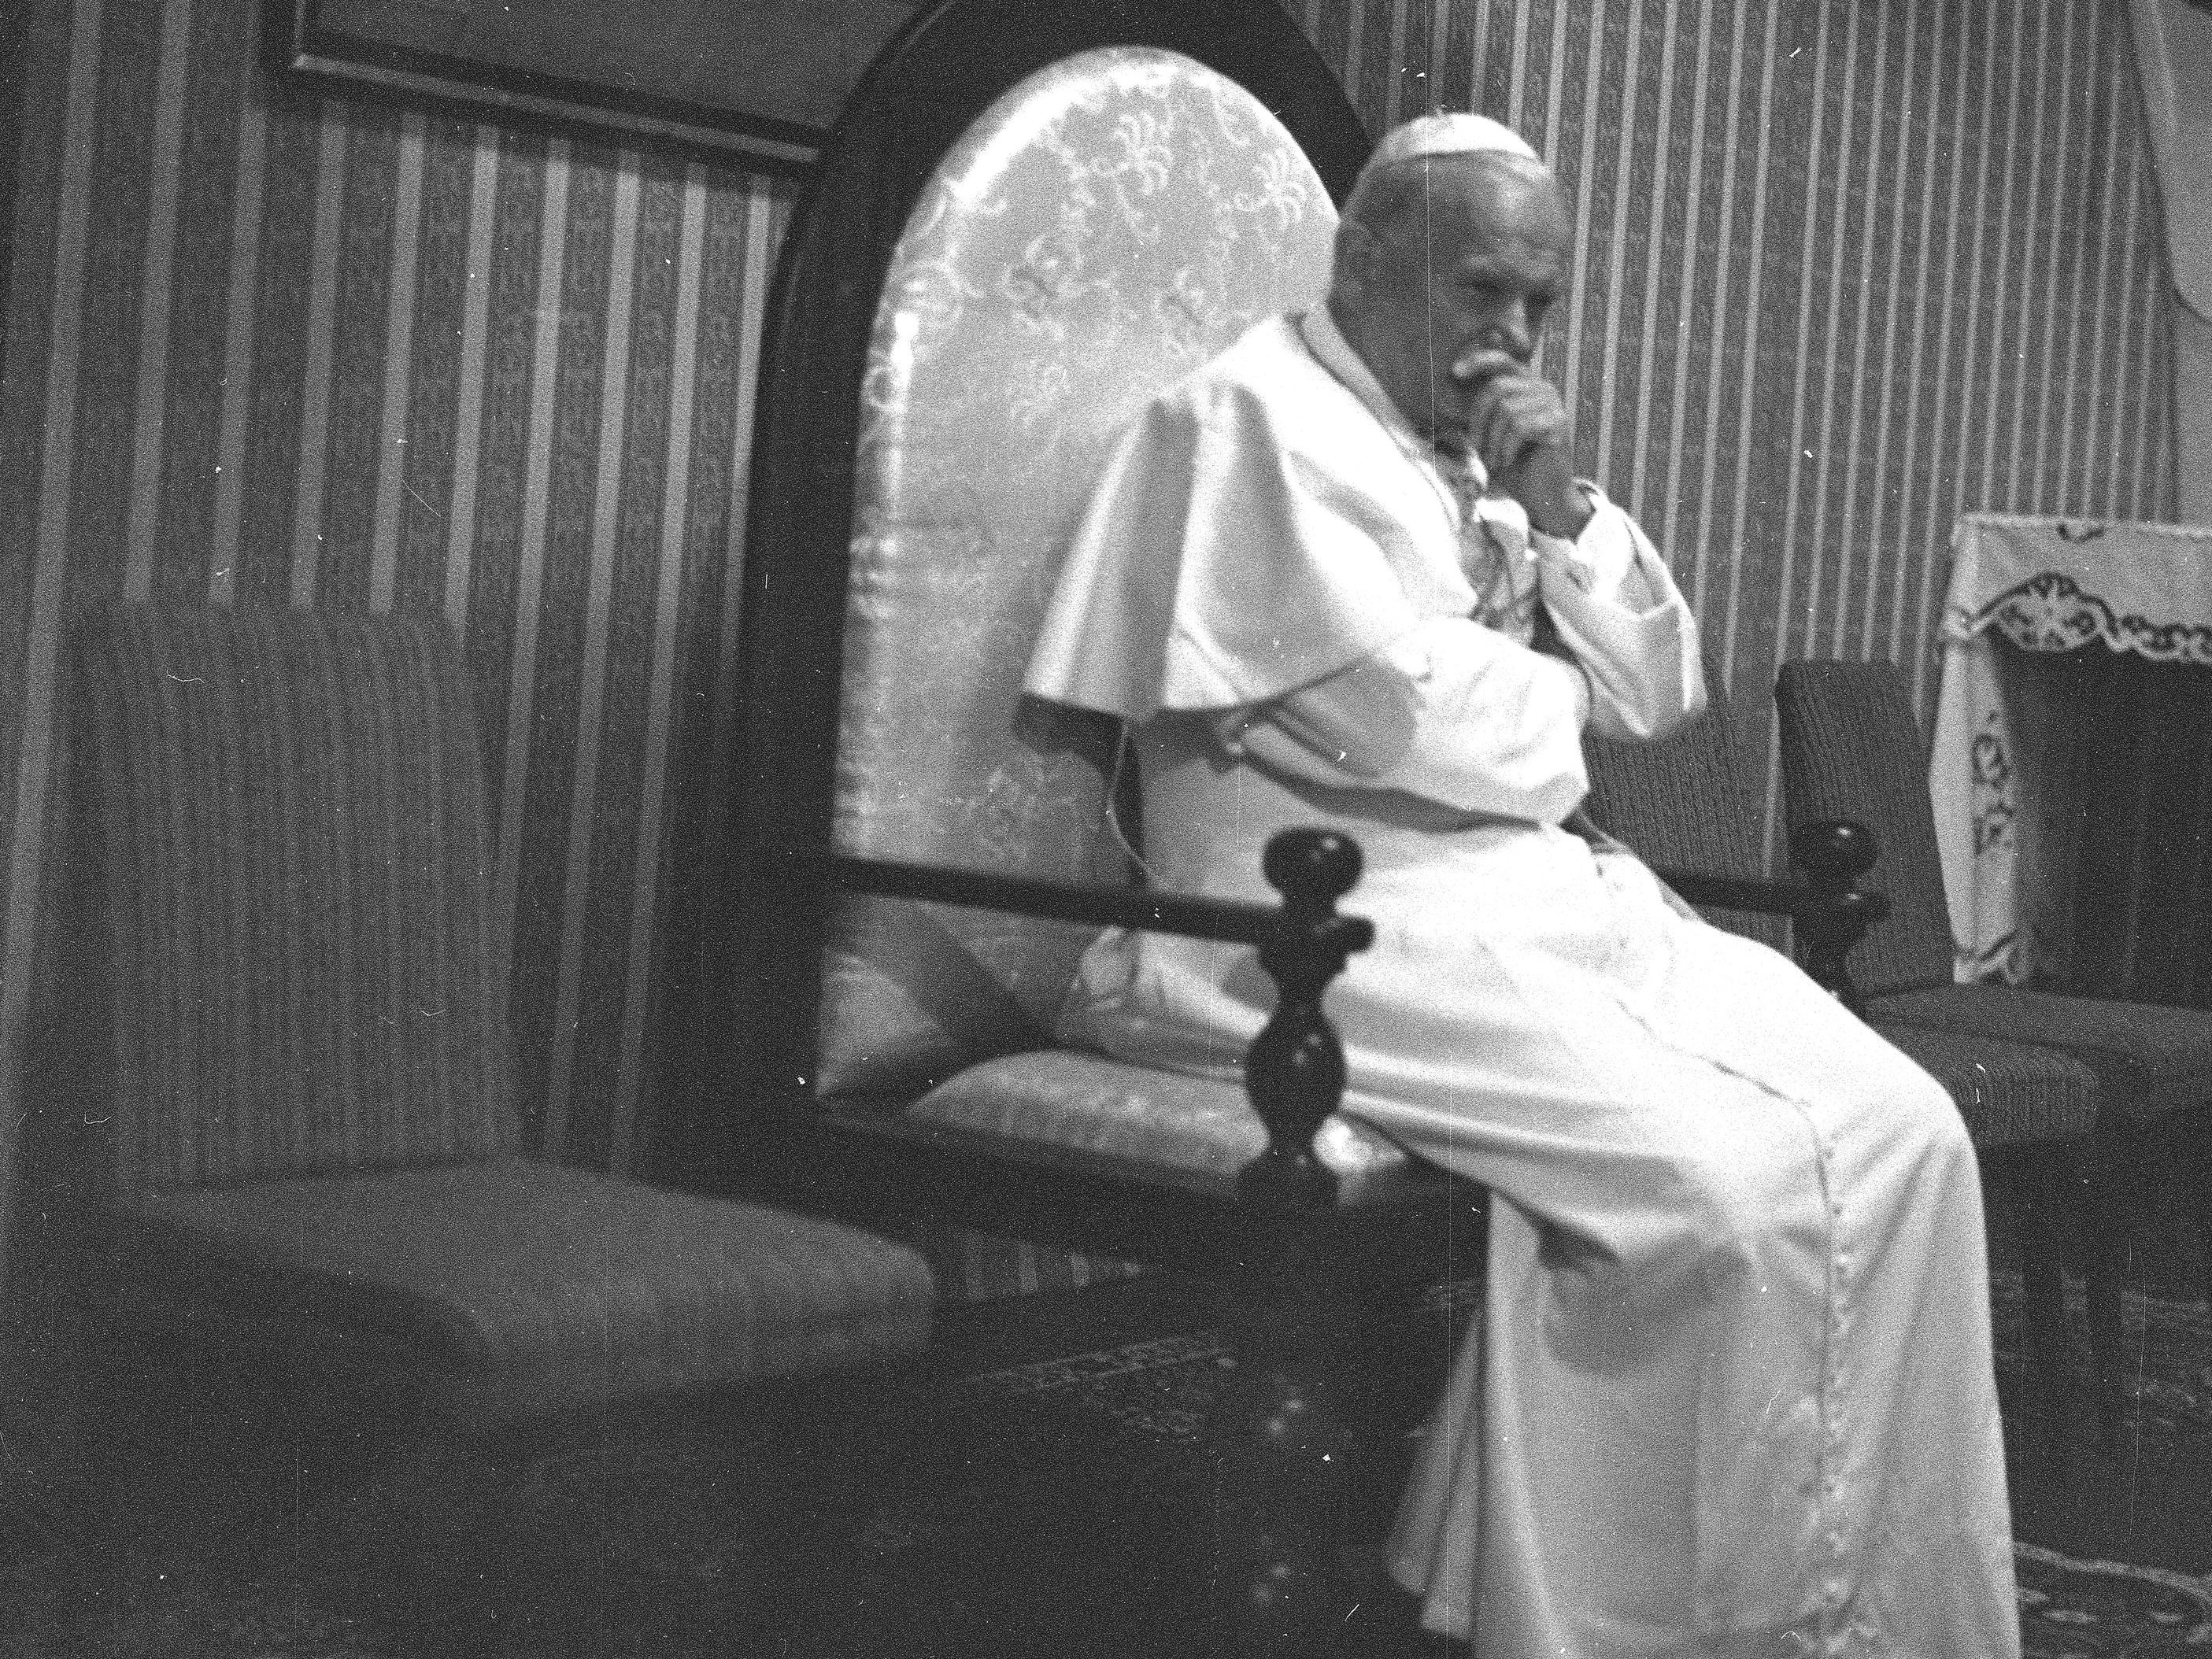 Papież Jan Paweł II podczas spotkania z Radą Naukową Episkopatu Polski w Kaplicy Różańcowej 5 czerwca 1979 r. Fot. Lech Zielaskowski / Archiwum Fotograficzne Lecha Zielaskowskiego / NAC